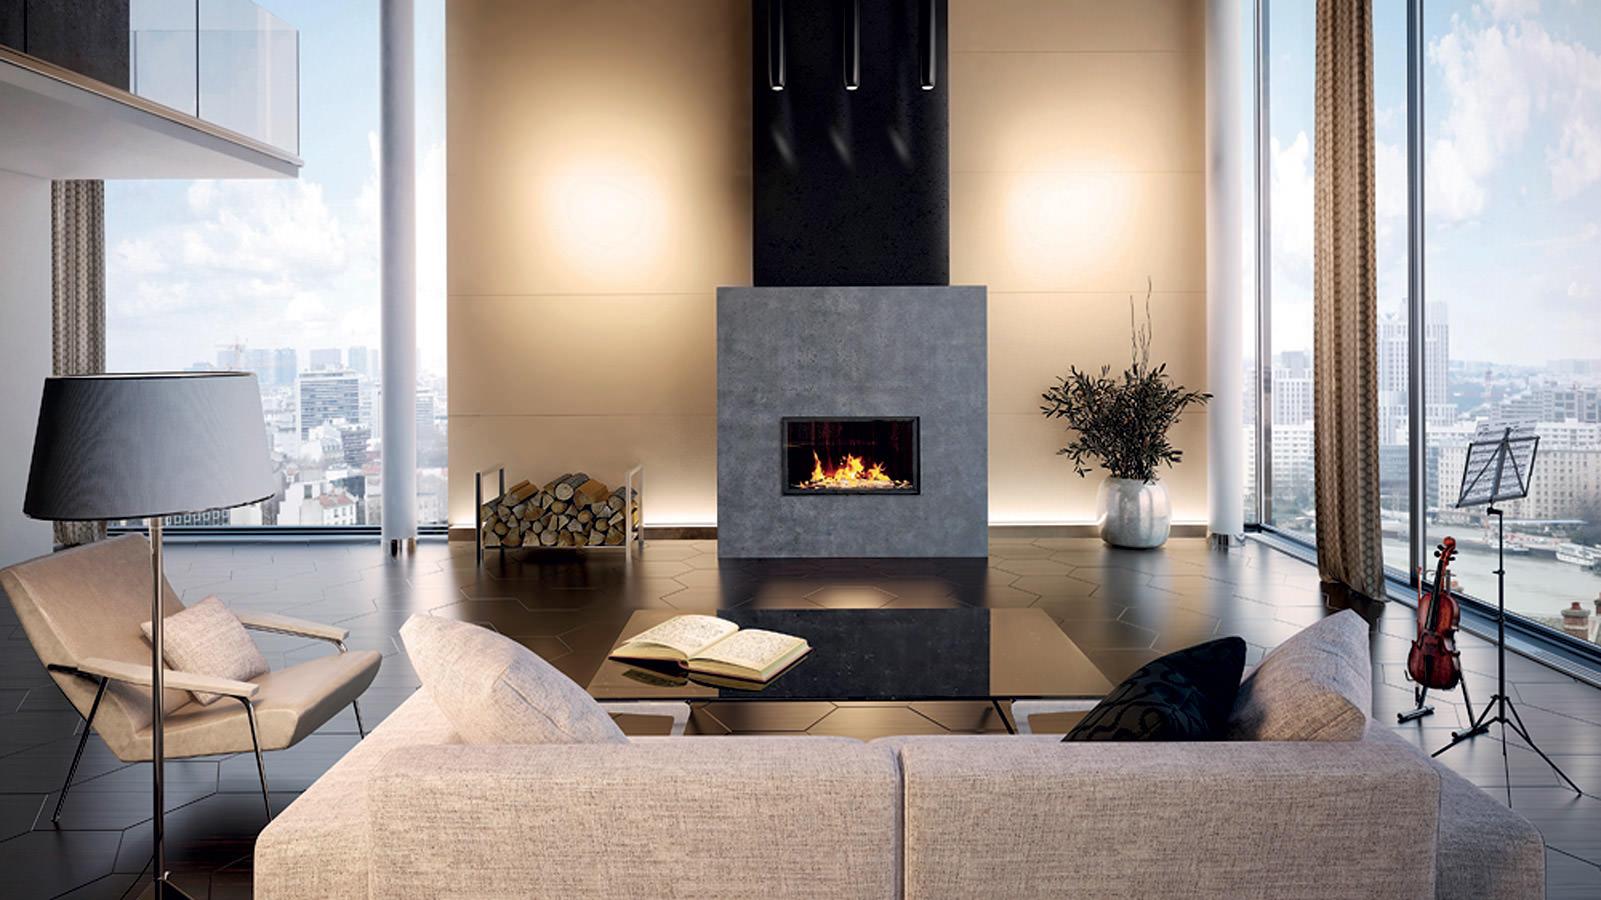 chemin es ehrhardt chemin es. Black Bedroom Furniture Sets. Home Design Ideas